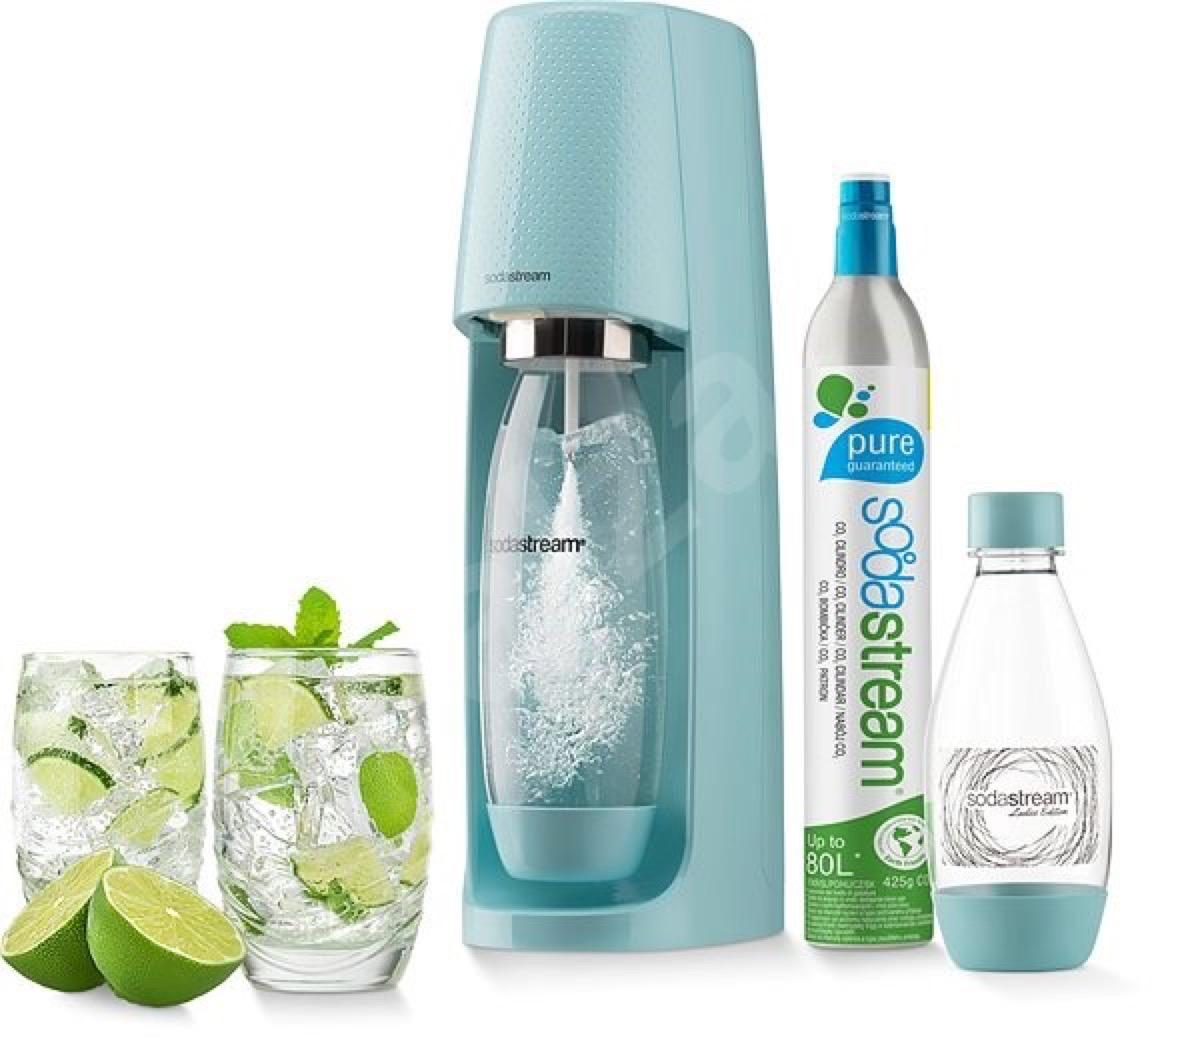 blue sodastream seltzer maker and bottles